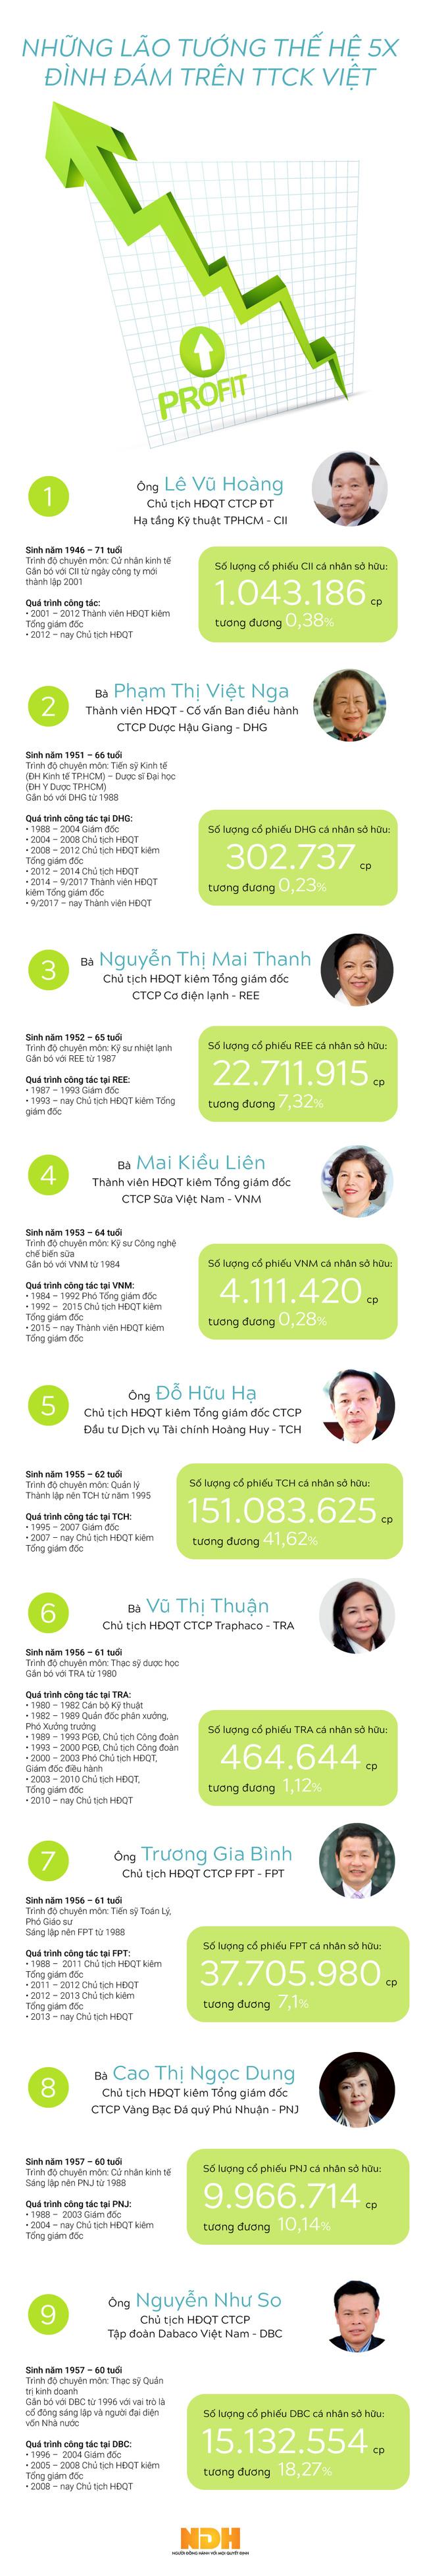 [Infographic] Những lão tướng thế hệ 5X đình đám trên TTCK Việt - Ảnh 1.